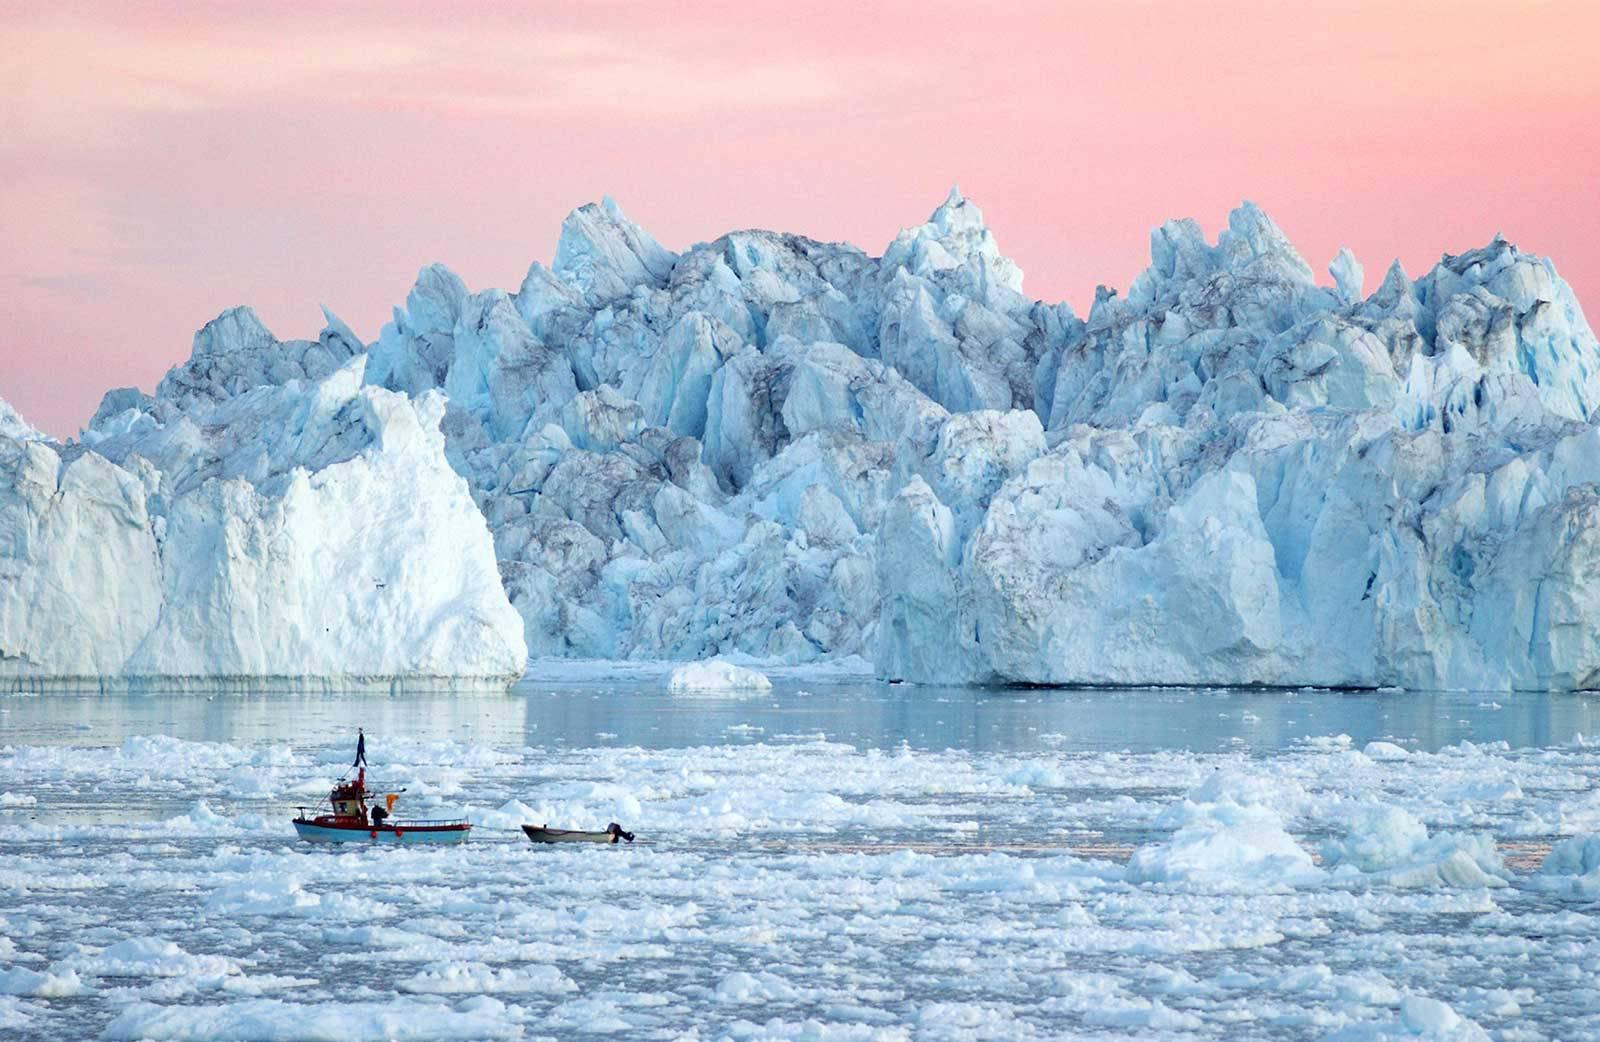 Айсберги в Илулиссат, Гренландия